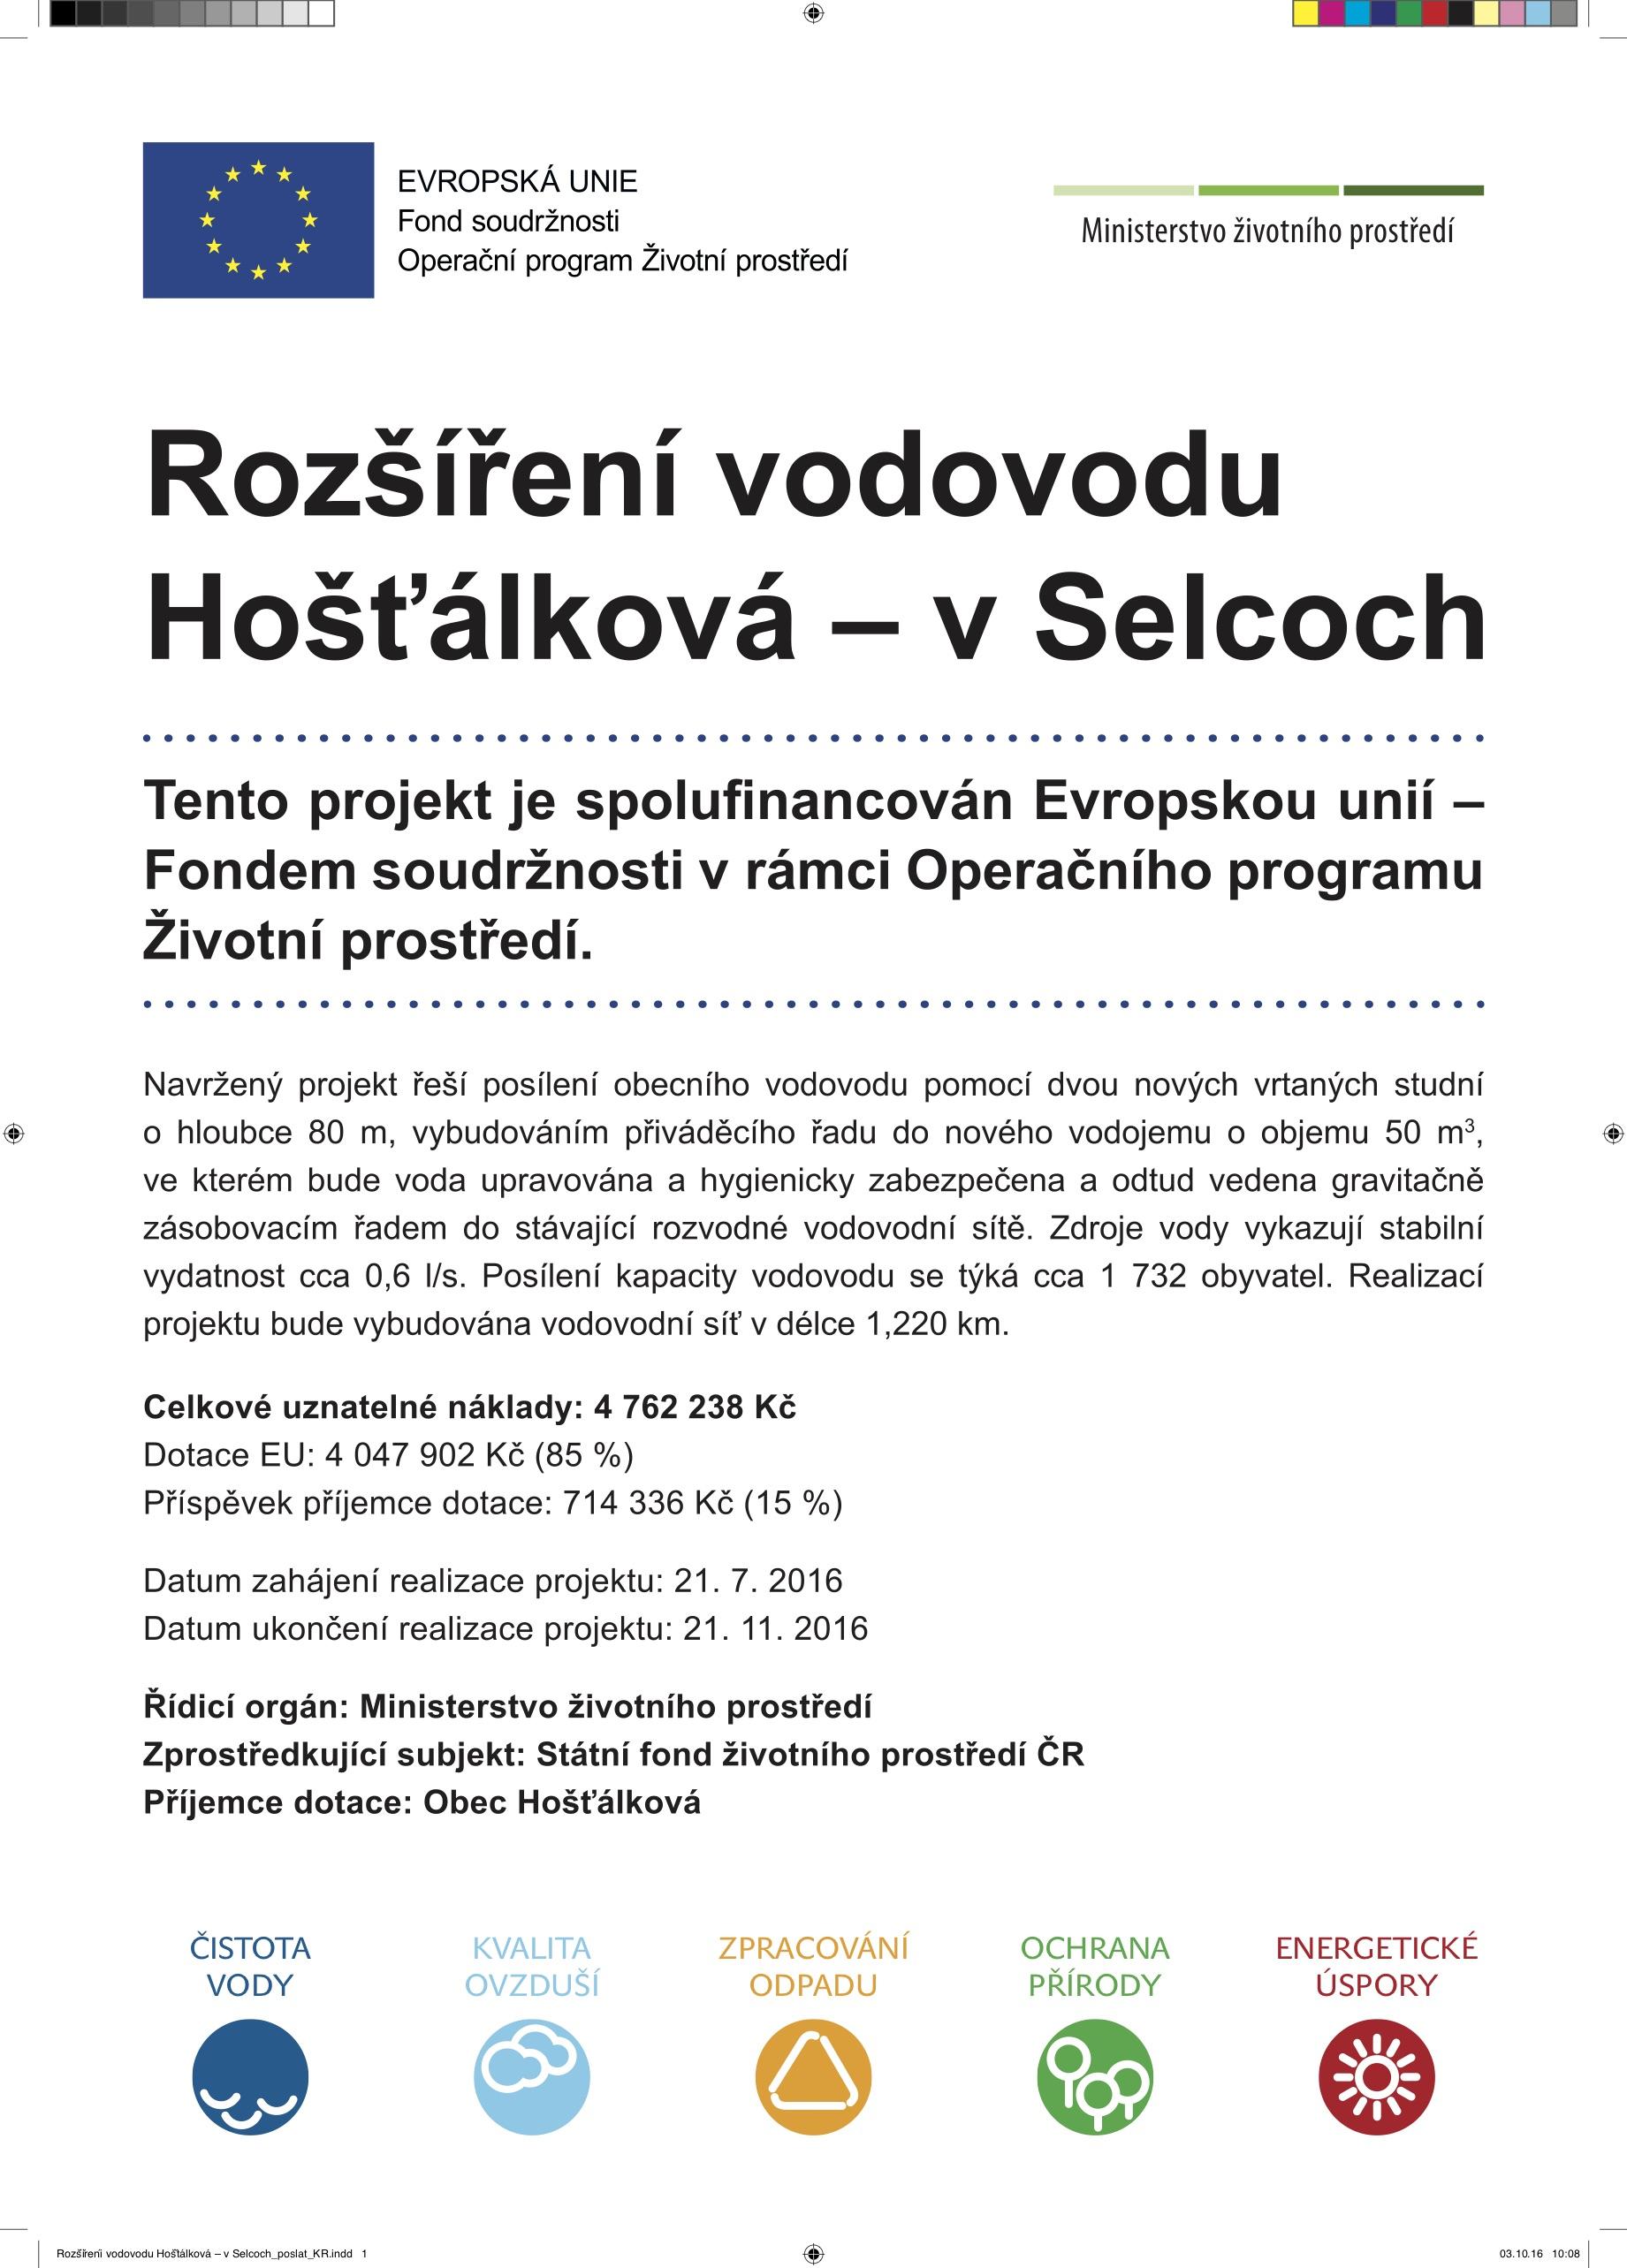 Rozšíření vodovodu Hošťálková – v Selcoch